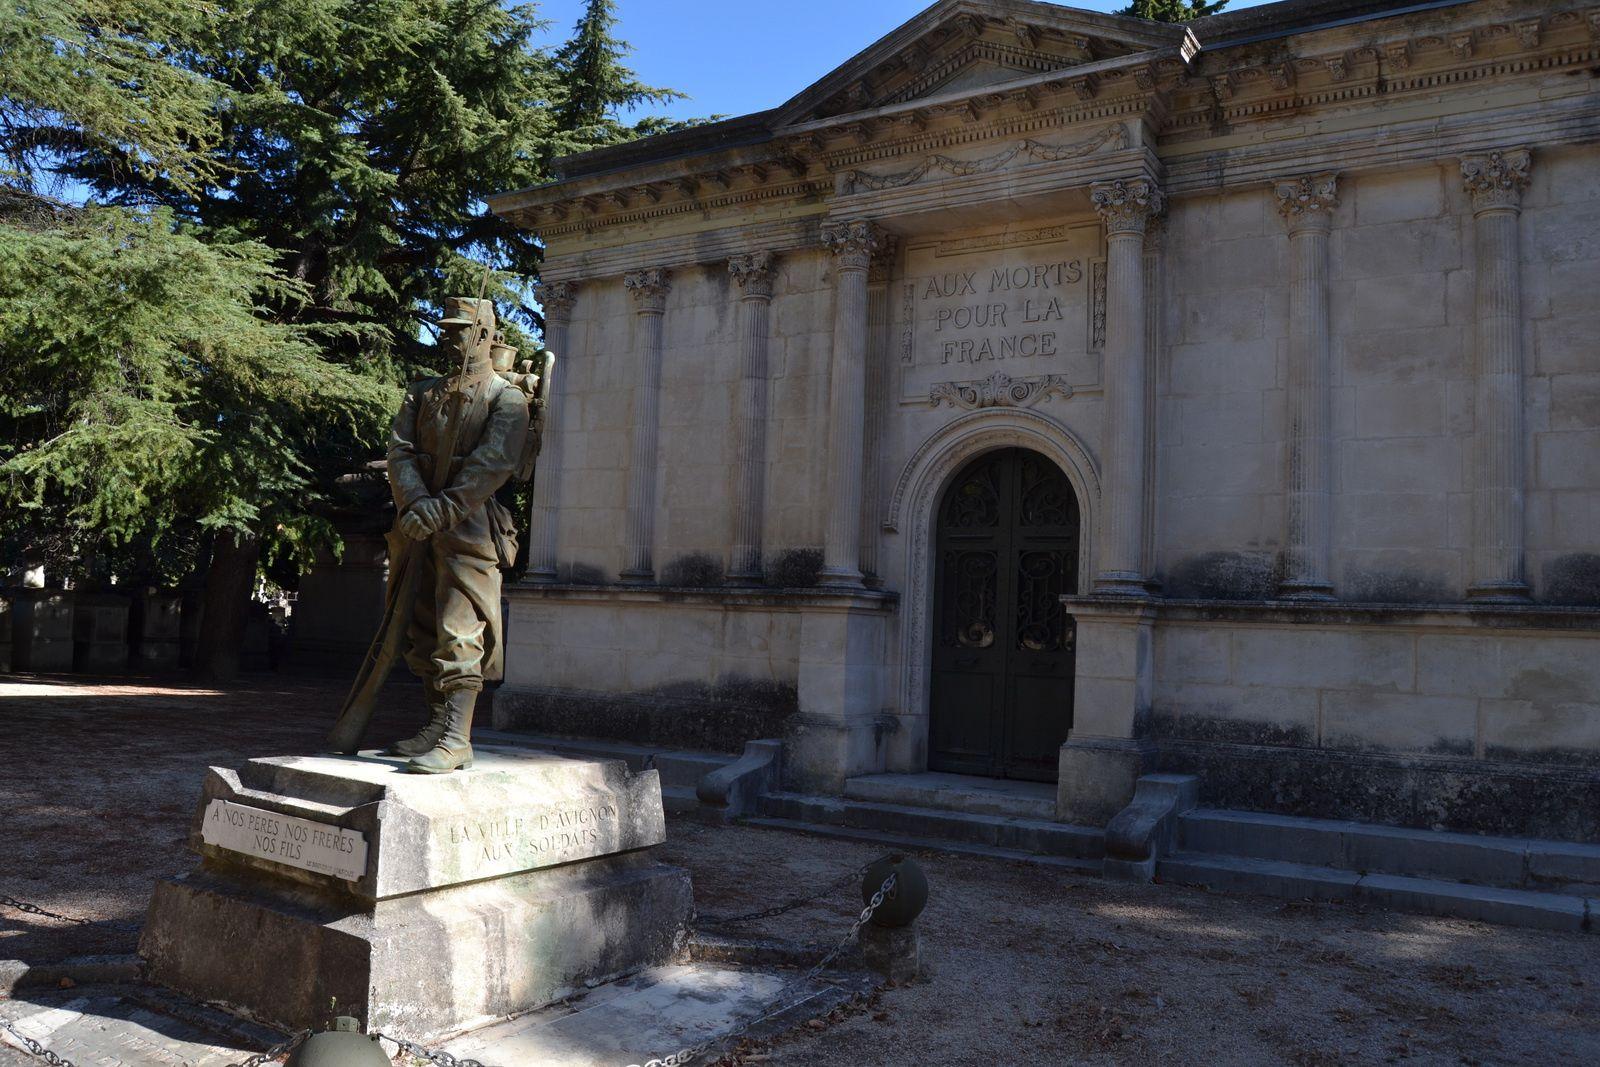 """L'oeuvre datée de 1899 est deFélix, Maurice CHARPENTIER qui est aussi l'auteur du monument aux morts de ma commune, Saint-Paul-Trois-Châteaux, ainsi que monument aux morts et la statue """"Les Lutteurs"""" à Bolléne."""